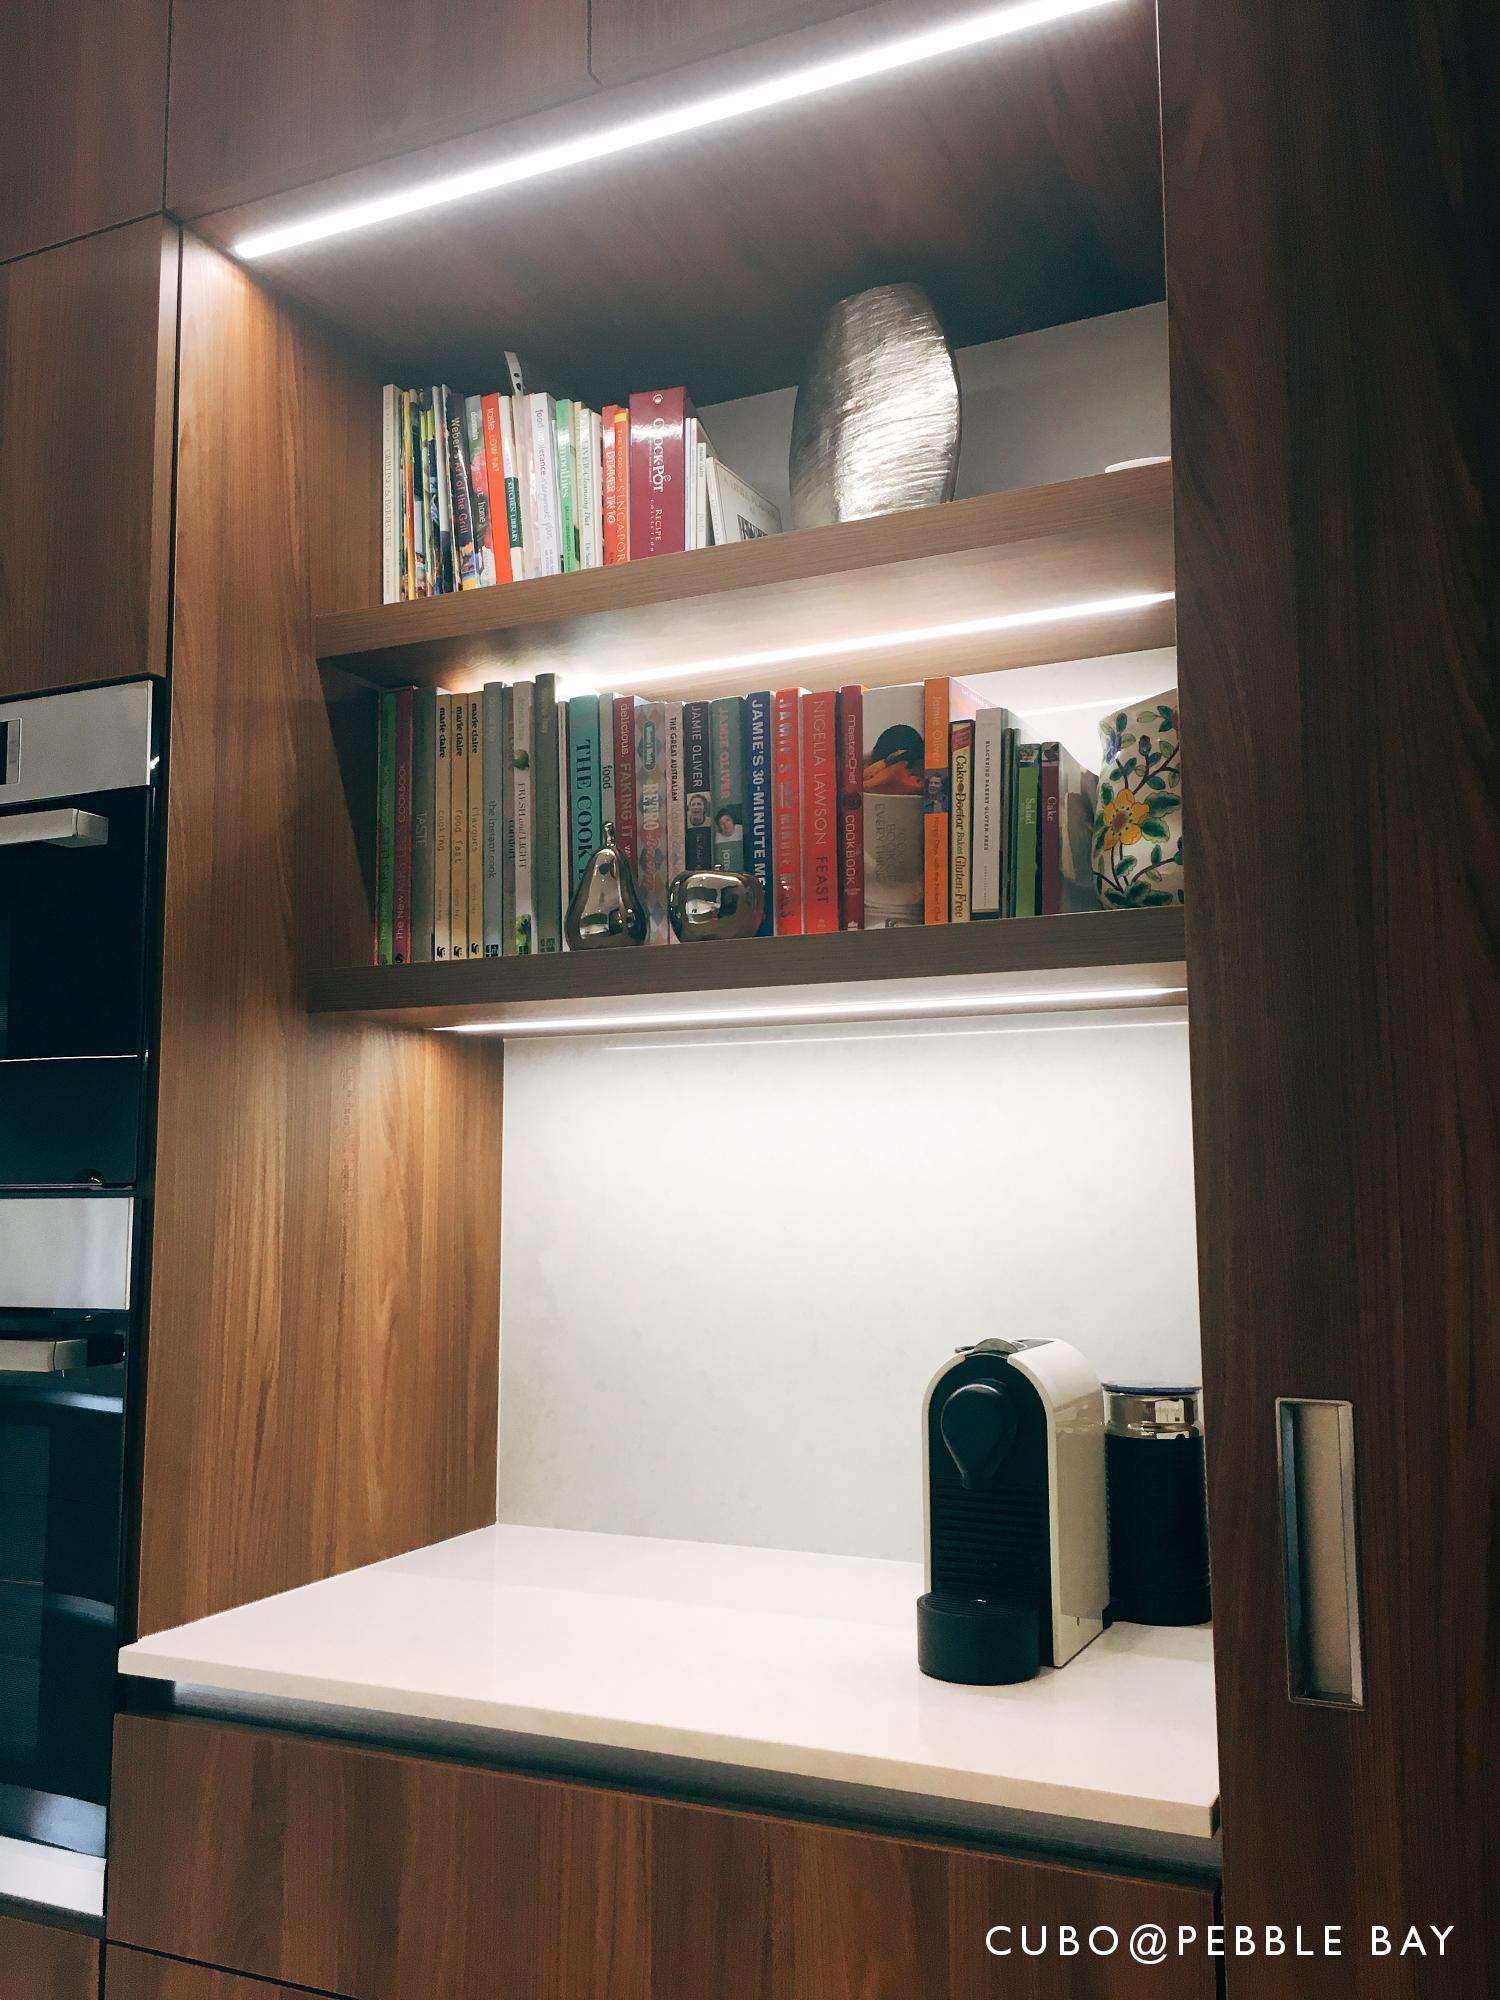 Pebblebay Book Shelf IMG_3456.jpg